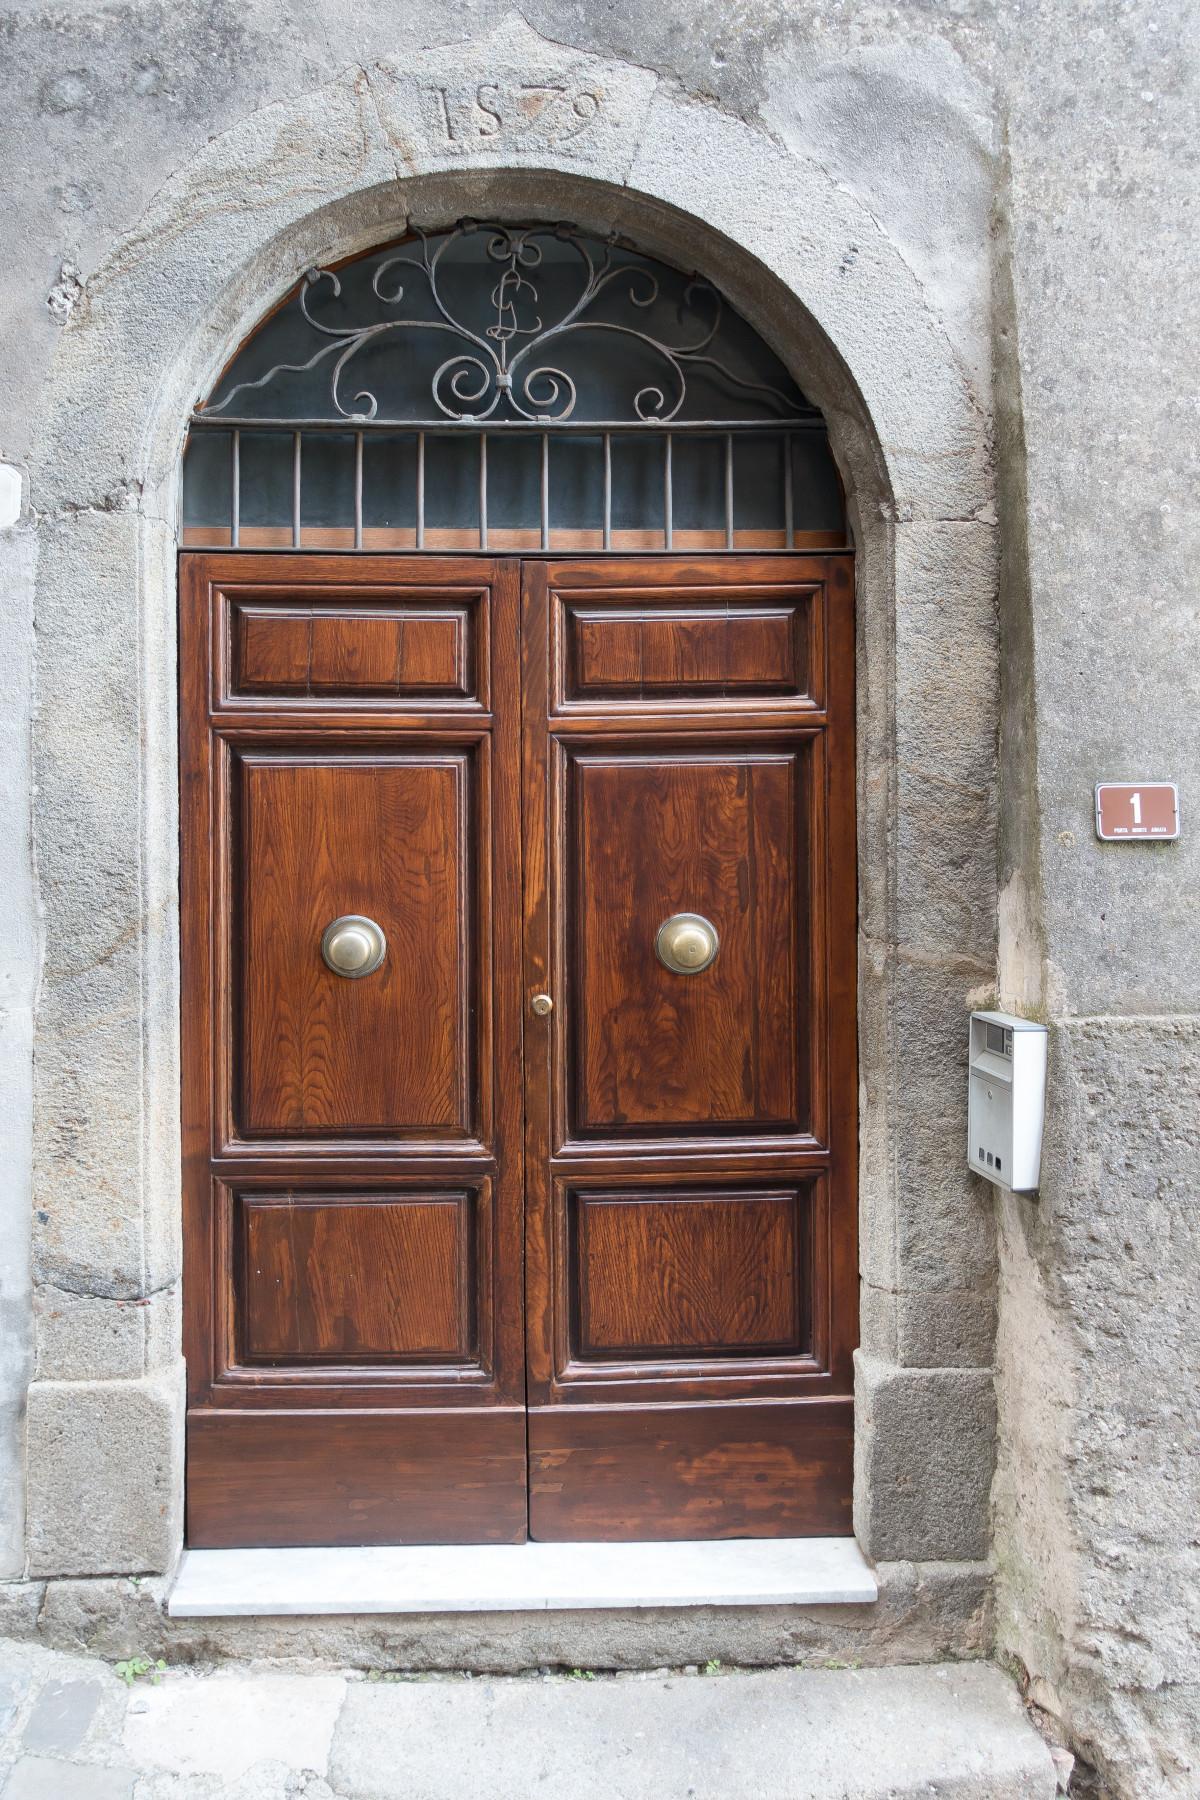 Fotos gratis madera edificio arco fachada port n - Dintel de madera ...